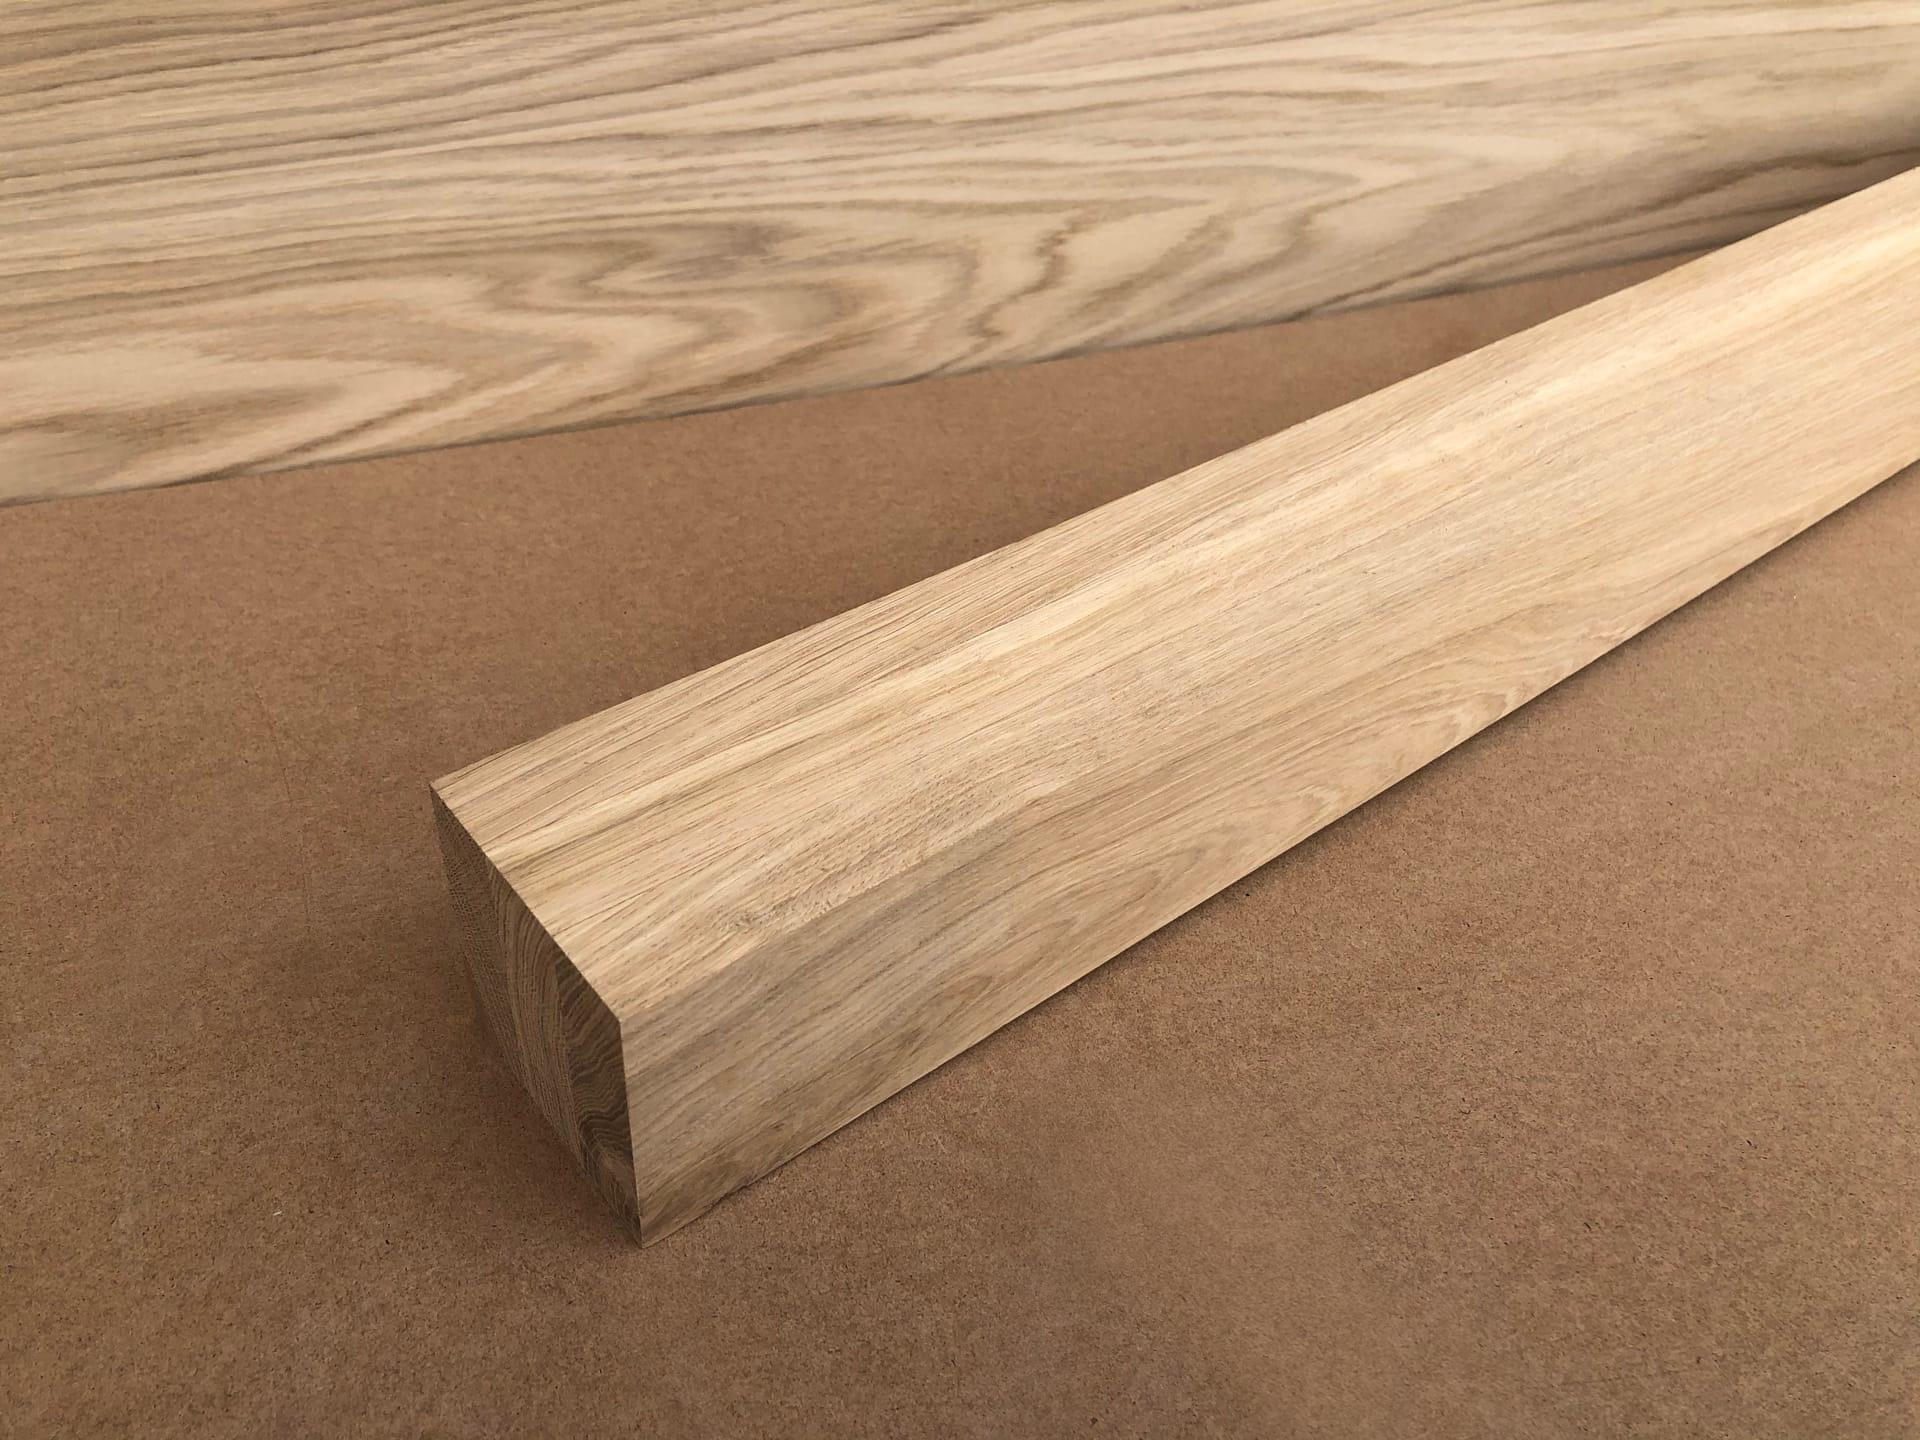 Мебельный брус - ясень цельноламельный 60 мм х 60 мм х 900 мм